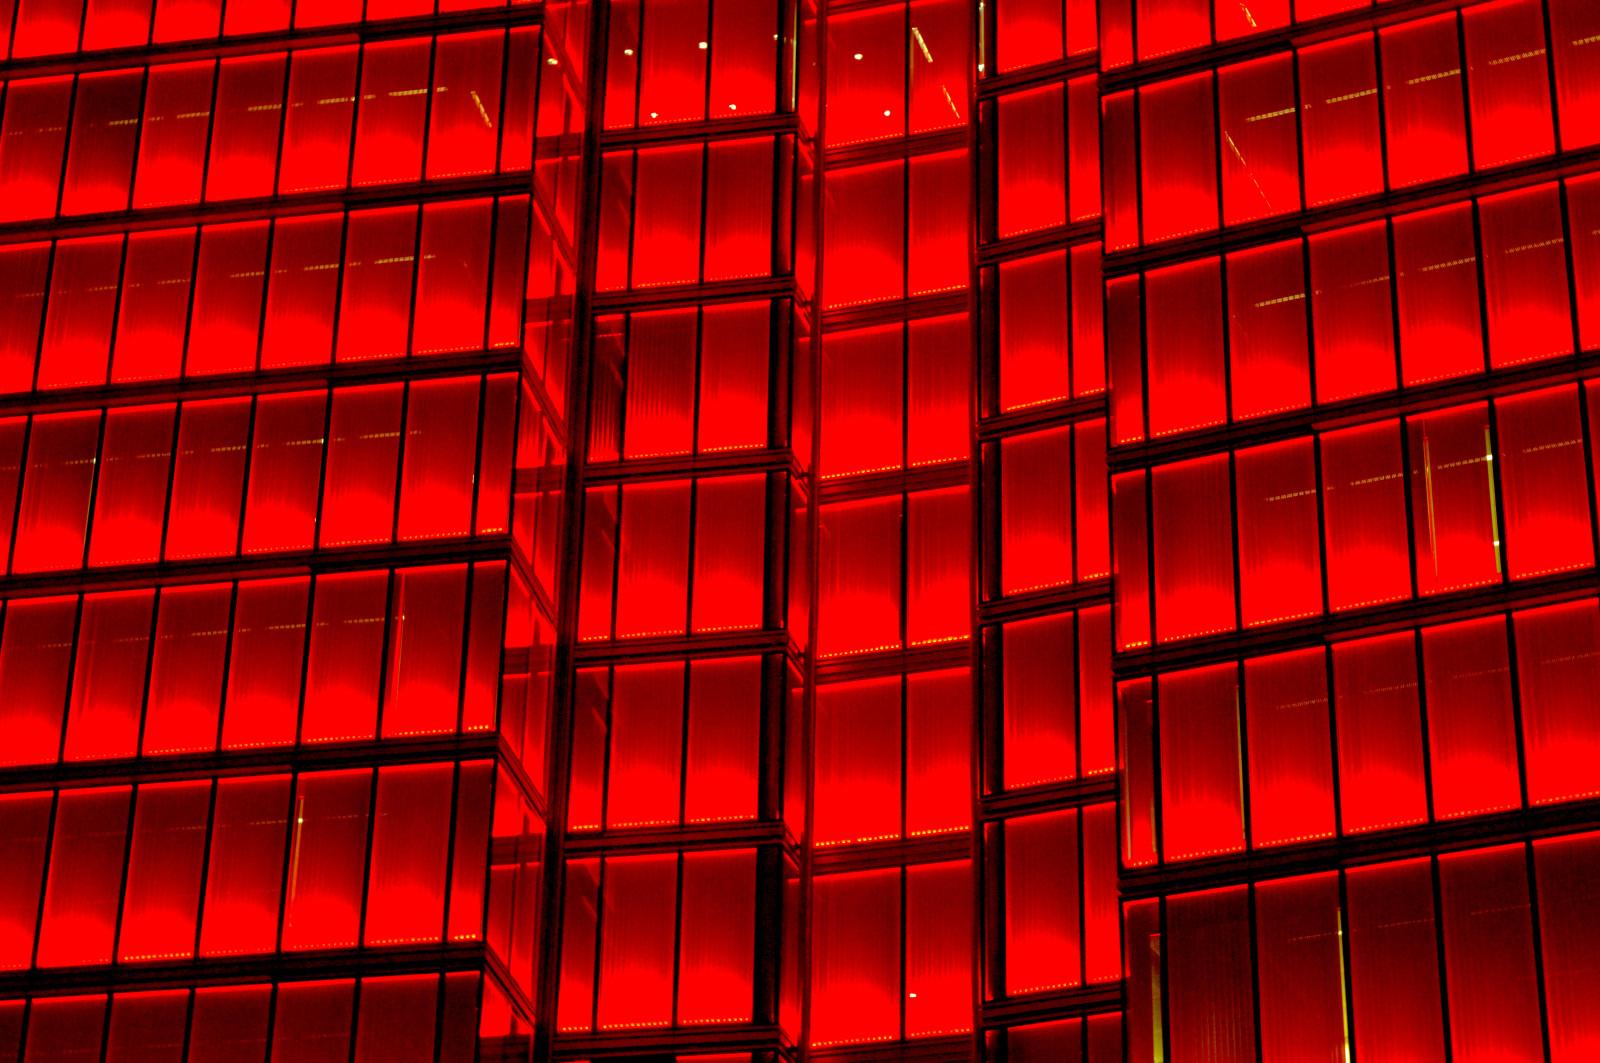 Hình nền : Tòa nhà, Đỏ, Đối xứng, Nhà chọc trời, mẫu, Hình học, ác quỷ,  Satan, kết cấu, thị trấn, Đường dây, Con quỷ, Địa ngục, tà ác, nước Bỉ, ...